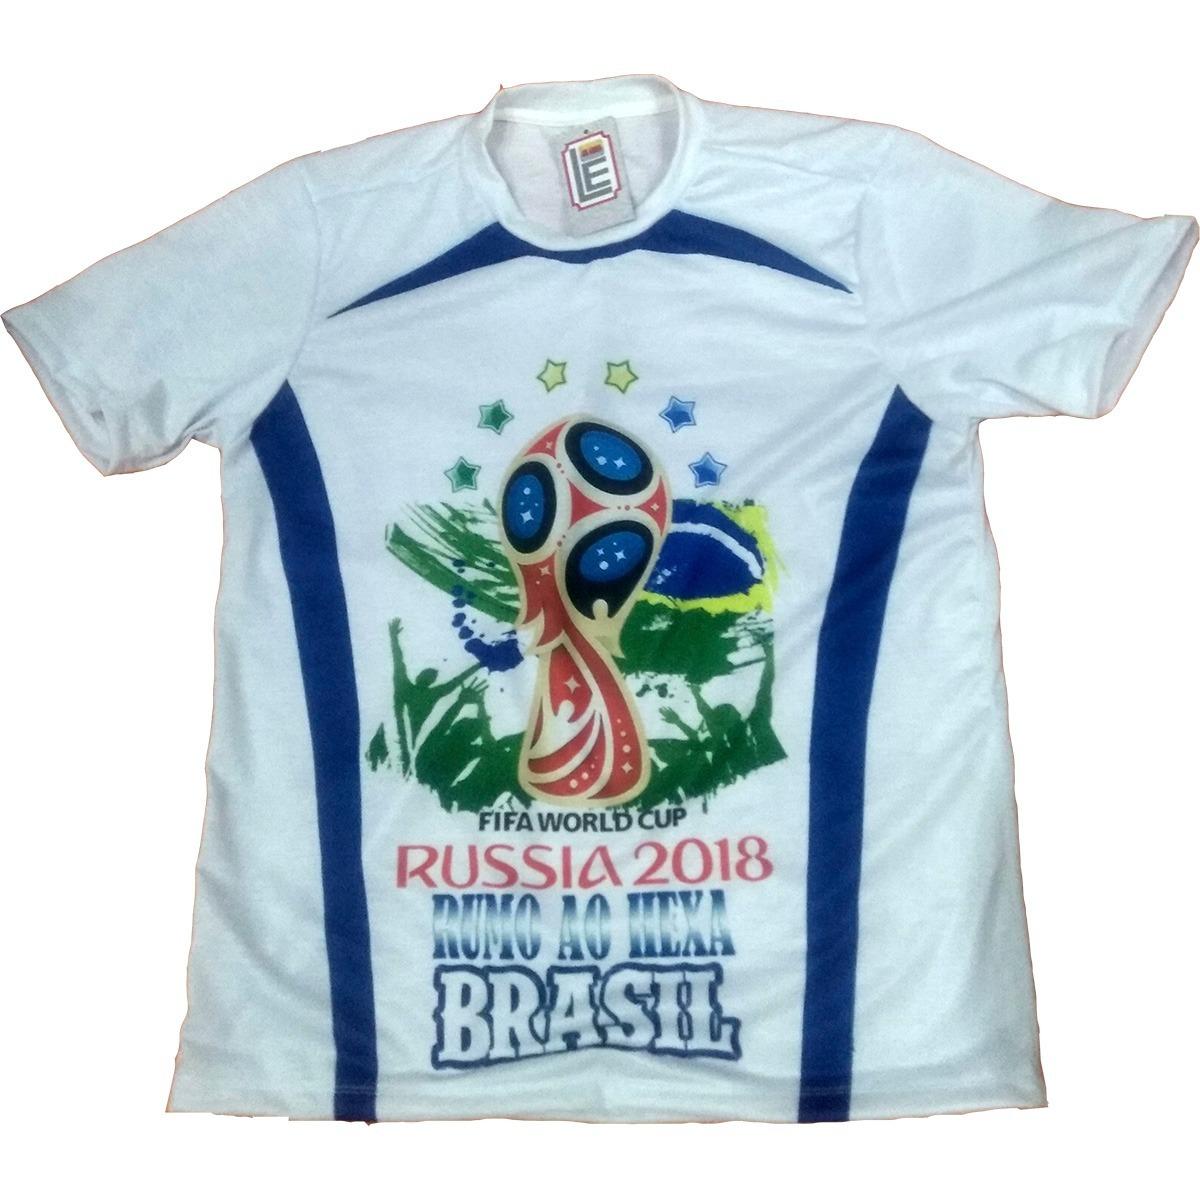 173826312cbb2 Camisa Camiseta Da Copa Do Mundo 2018 Camisa Da Seleção - R  29